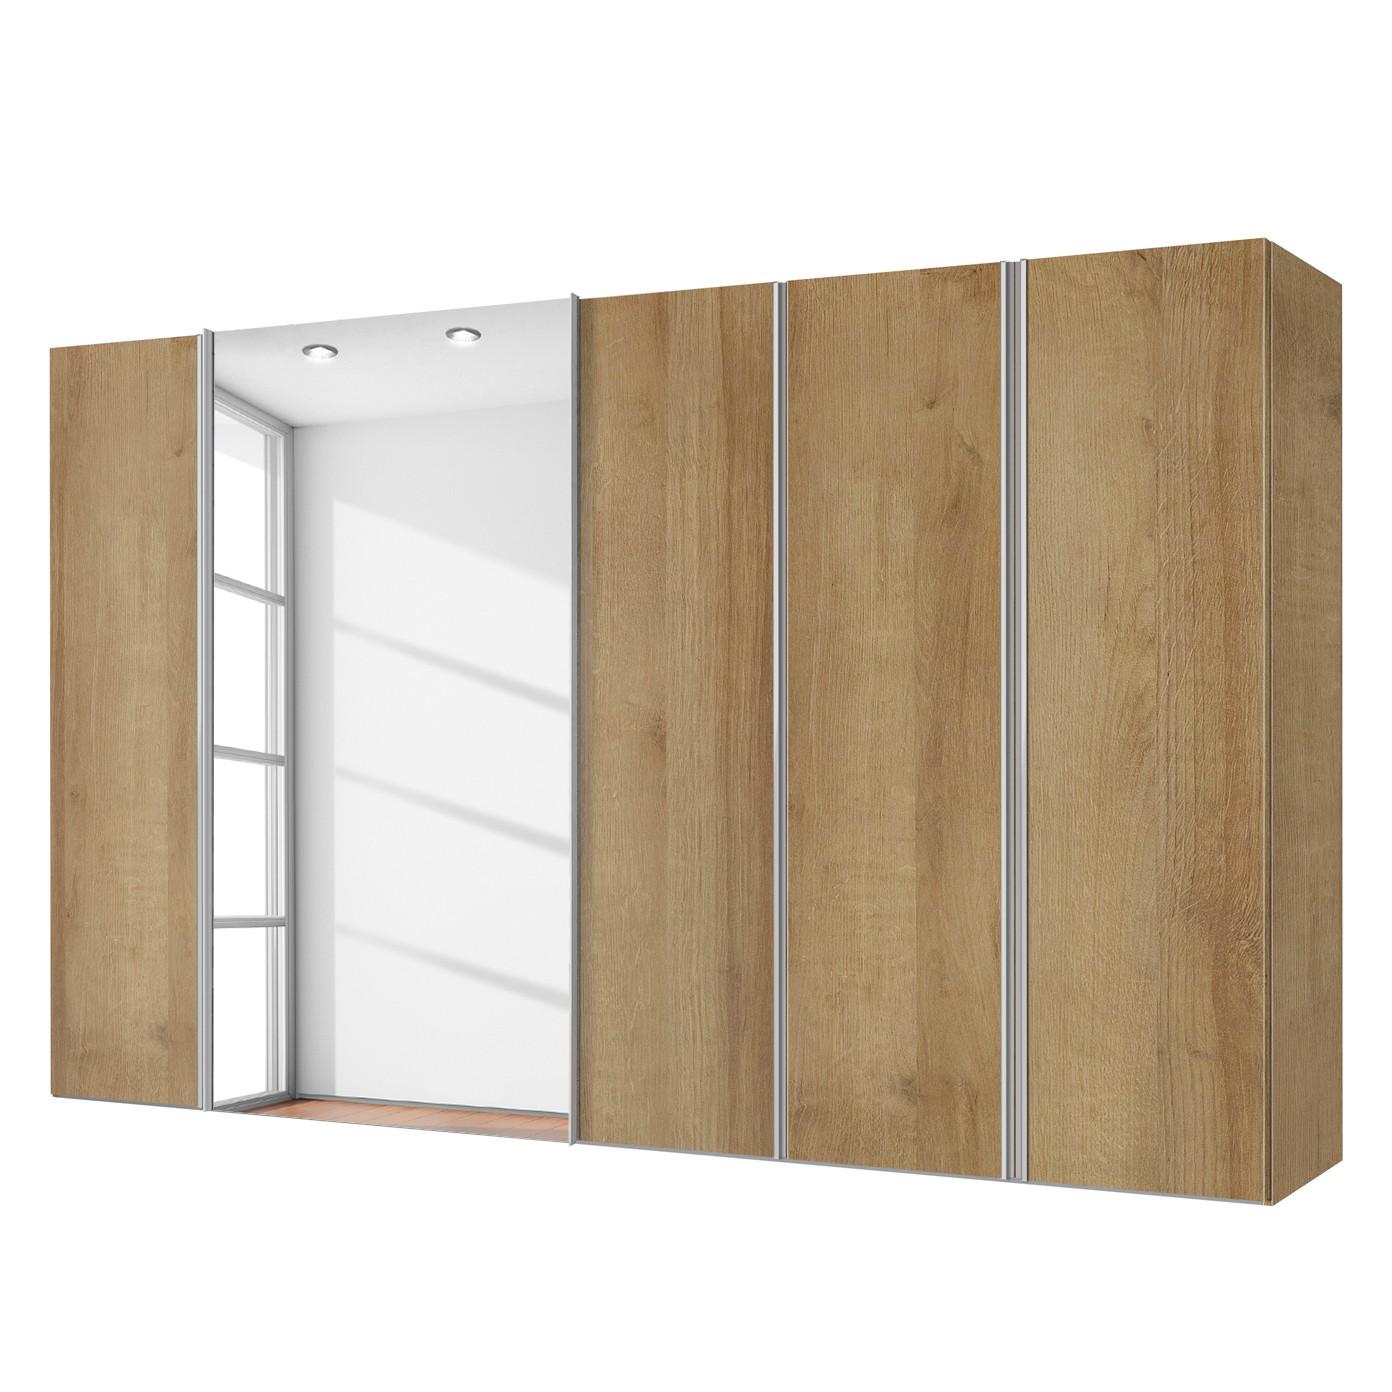 Armoire mixte Hayfork - Imitation chêne de Riviera / Verre de miroir - 300 cm (5 portes), Express Mö